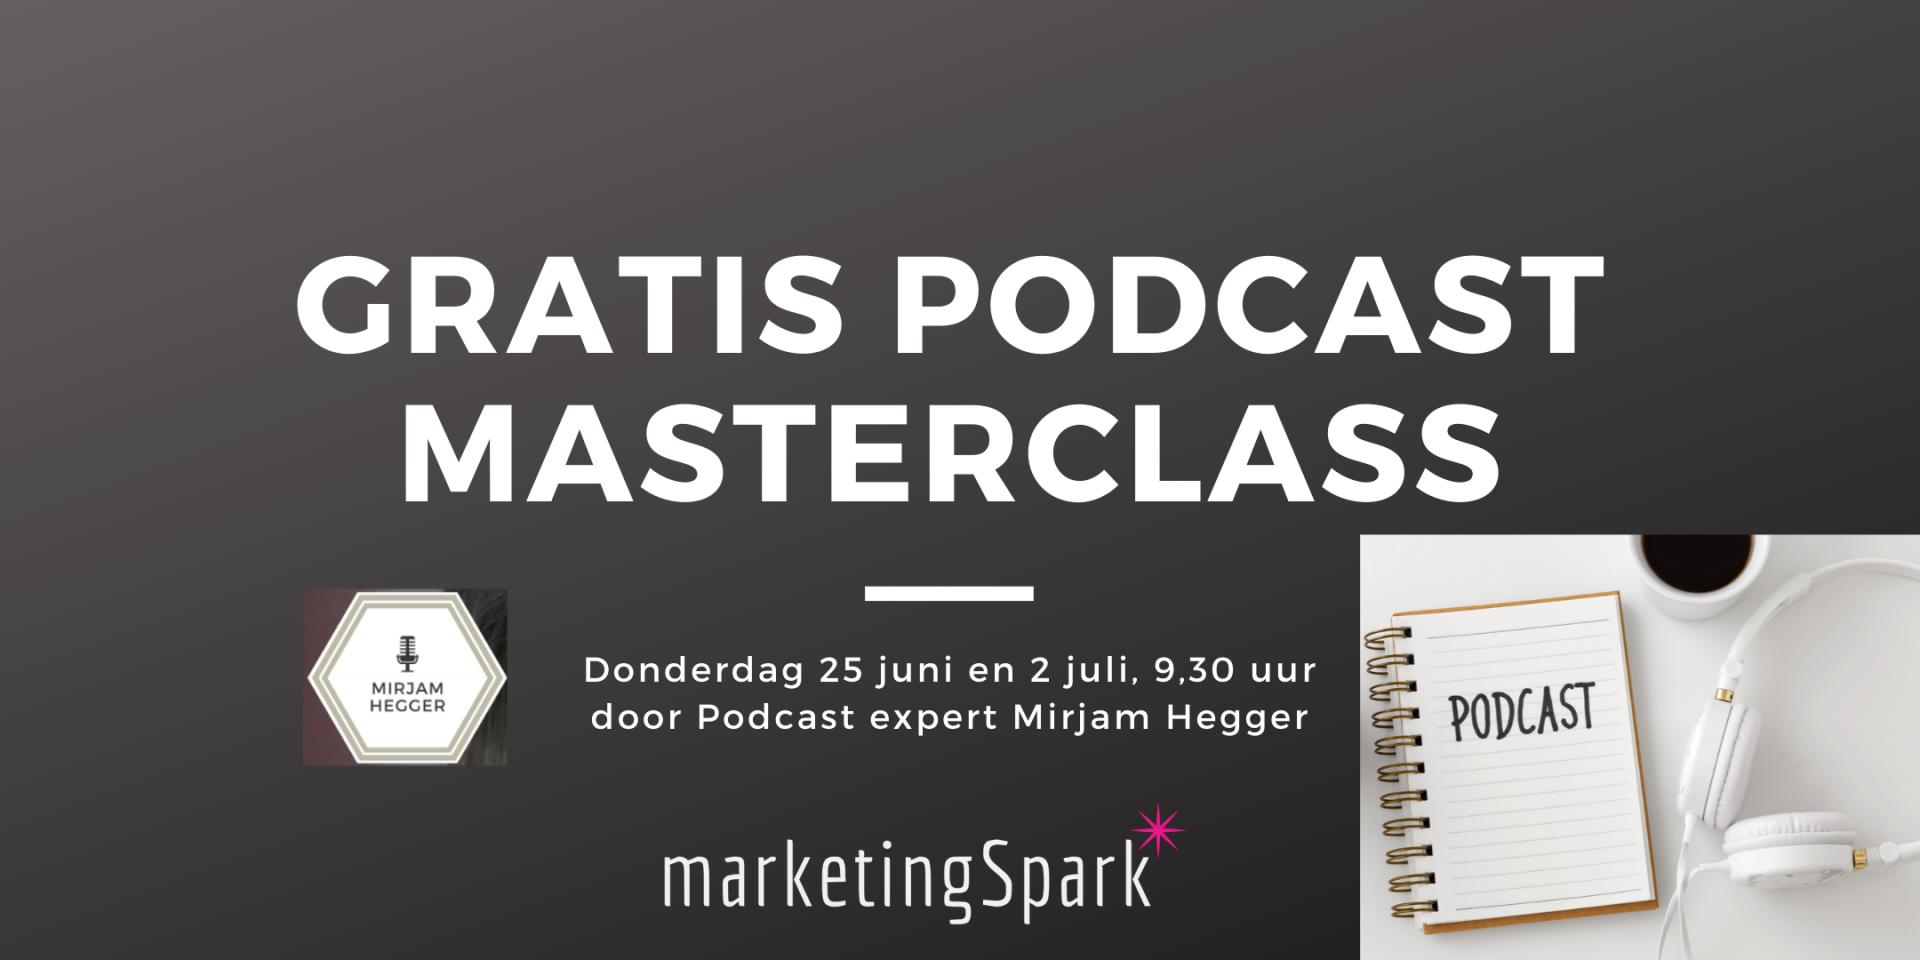 Eindelijk tijd voor je eigen podcast! MarketingSpark en podcast expert MIrjam Hegger bieden jou 2 gratis online Podcast Masterclasses aan, op donderdag 25 juni en 2 juli 2020 om 9:30 uur.